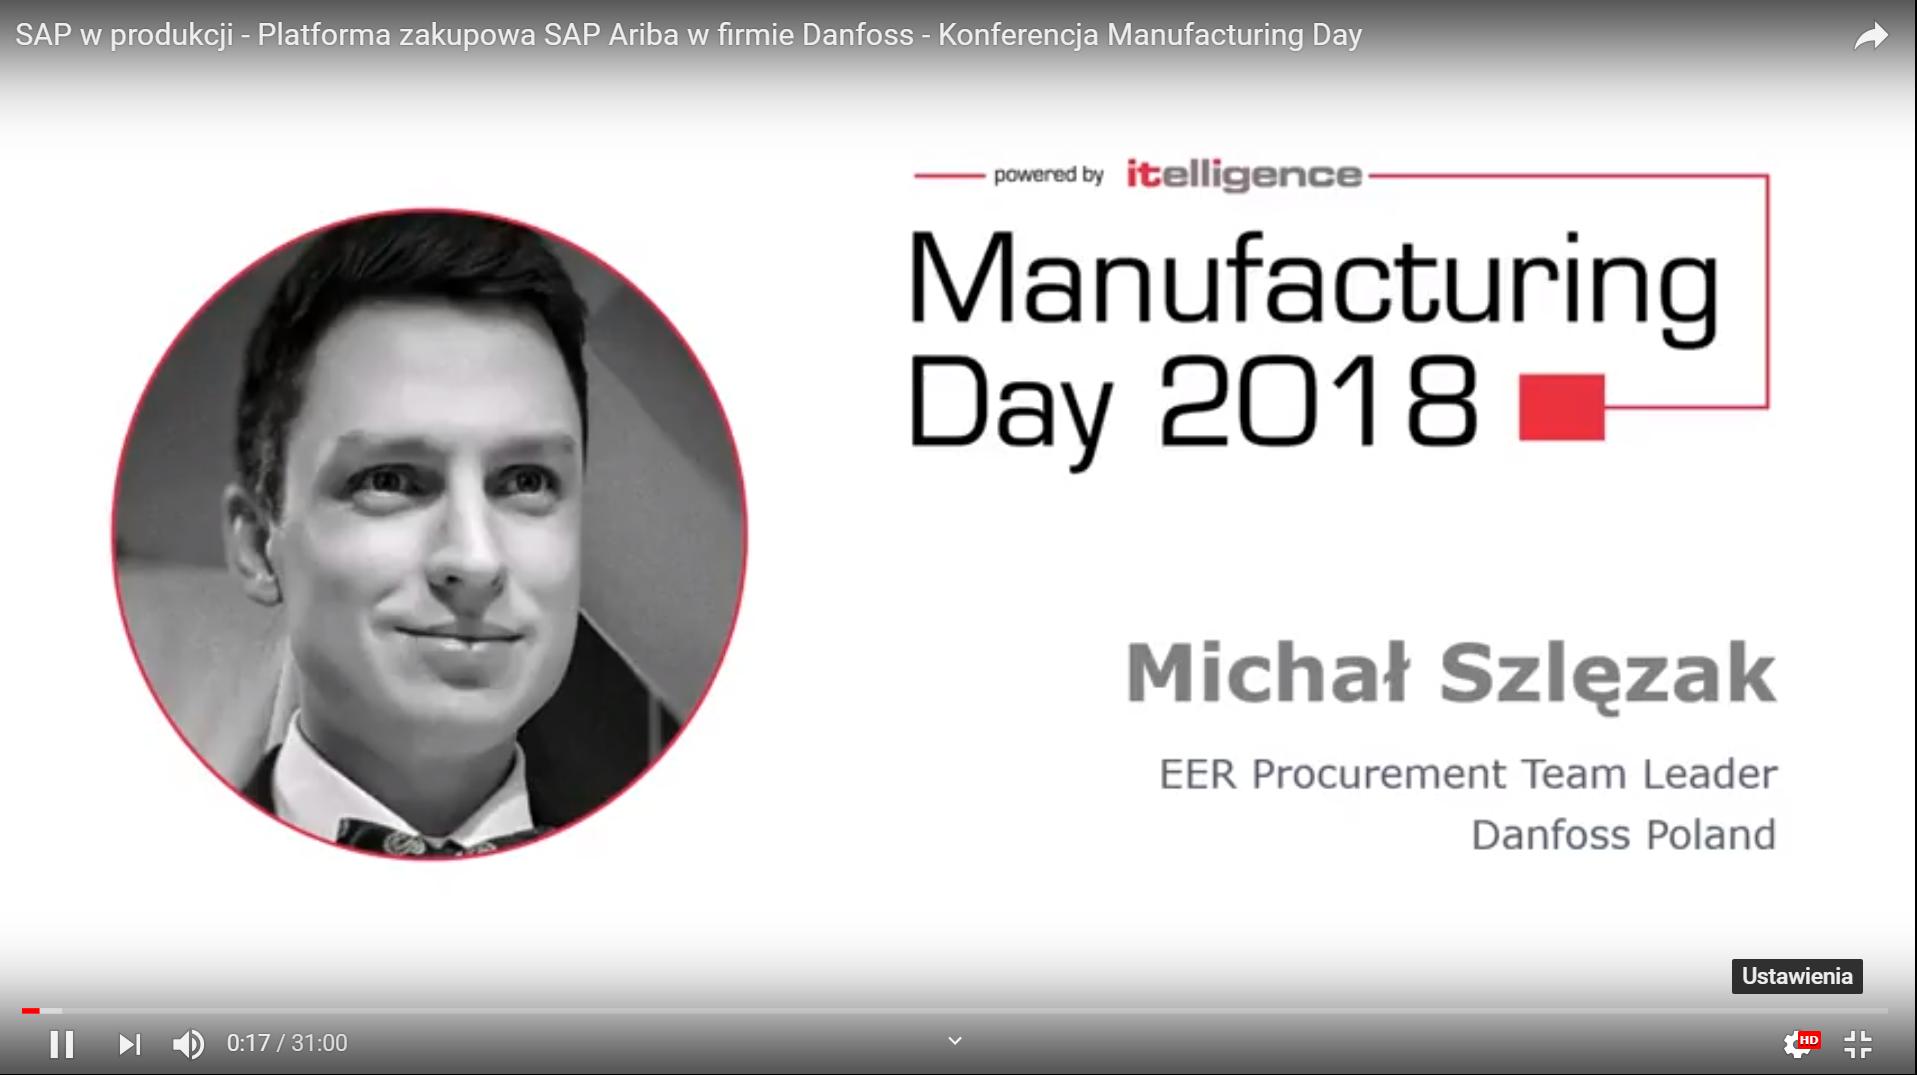 Digitalizacja zakupów w firmie Danfoss poprzez platformę zakupową SAP Ariba